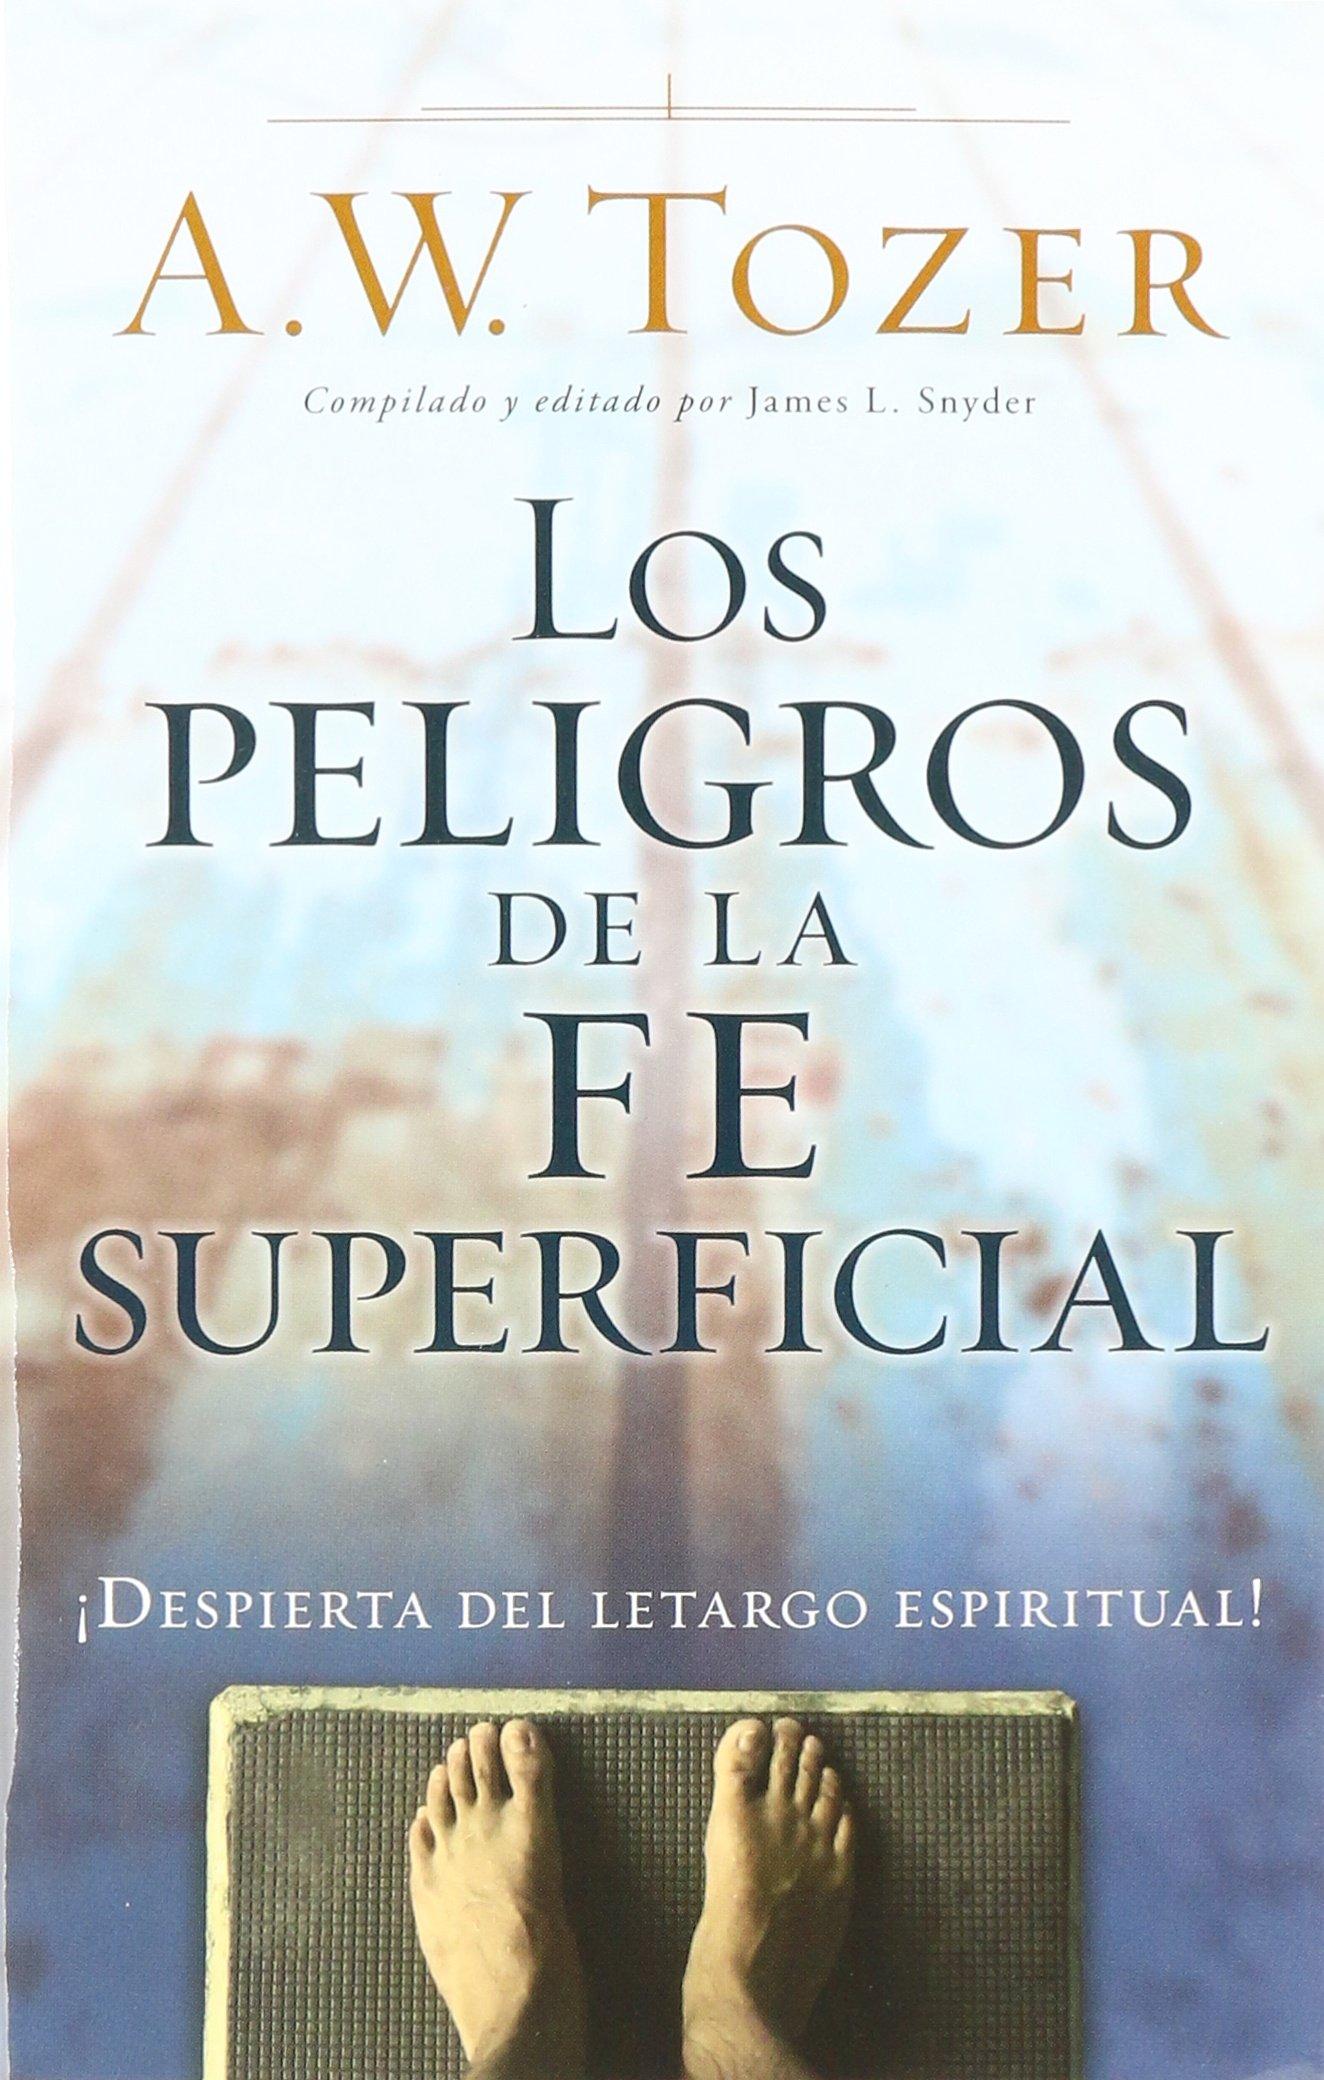 Los Peligros de la Fe Superficial: Despierta del Letargo Espiritual: Amazon.es: Tozer, A. W.: Libros